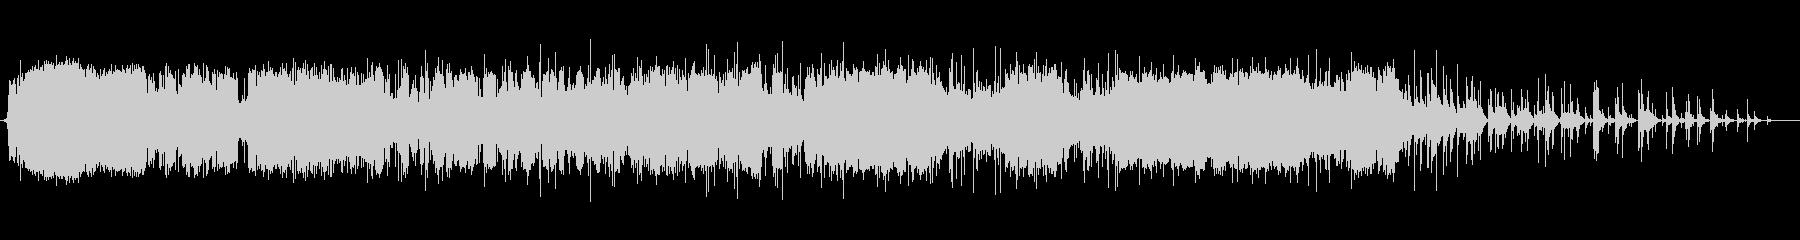 スモールスタジオオーディエンス:拍...の未再生の波形